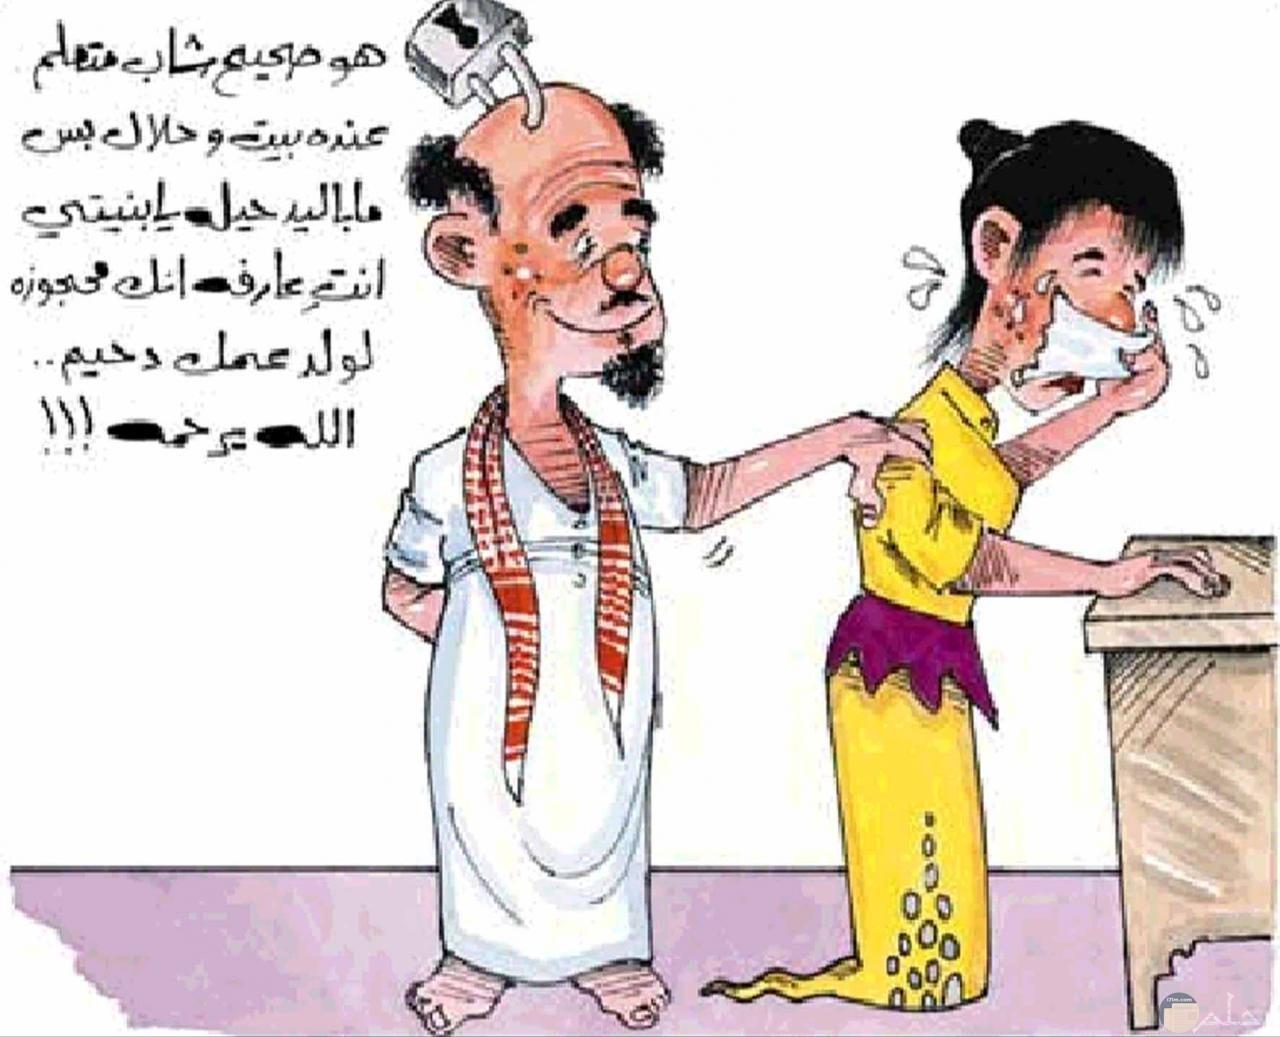 عادات الزواج عند البعض.